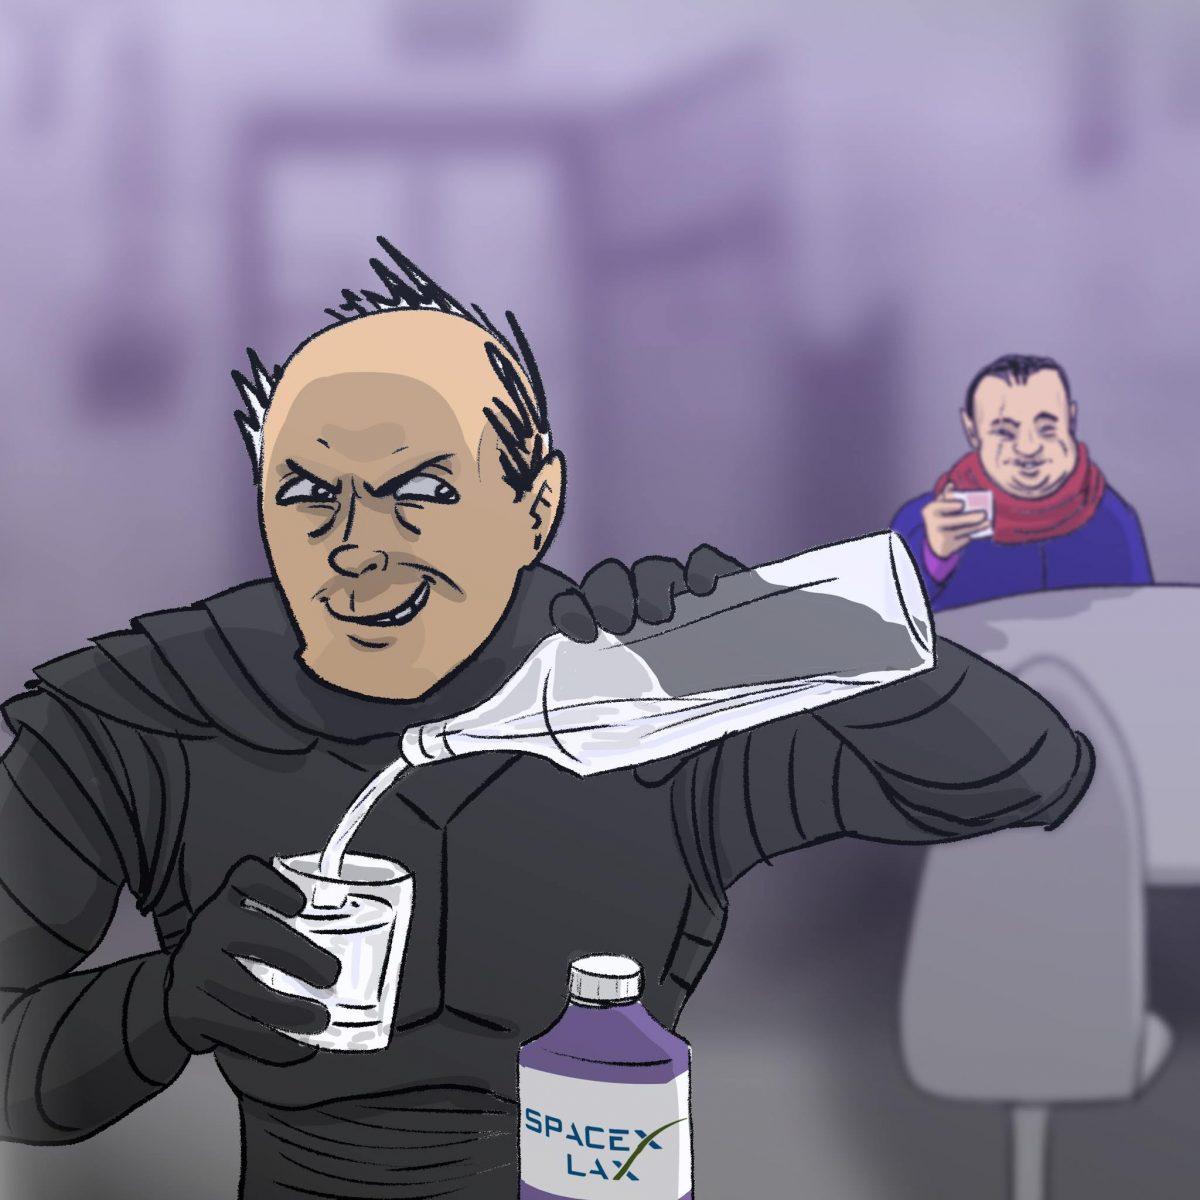 Episode 32: Respite